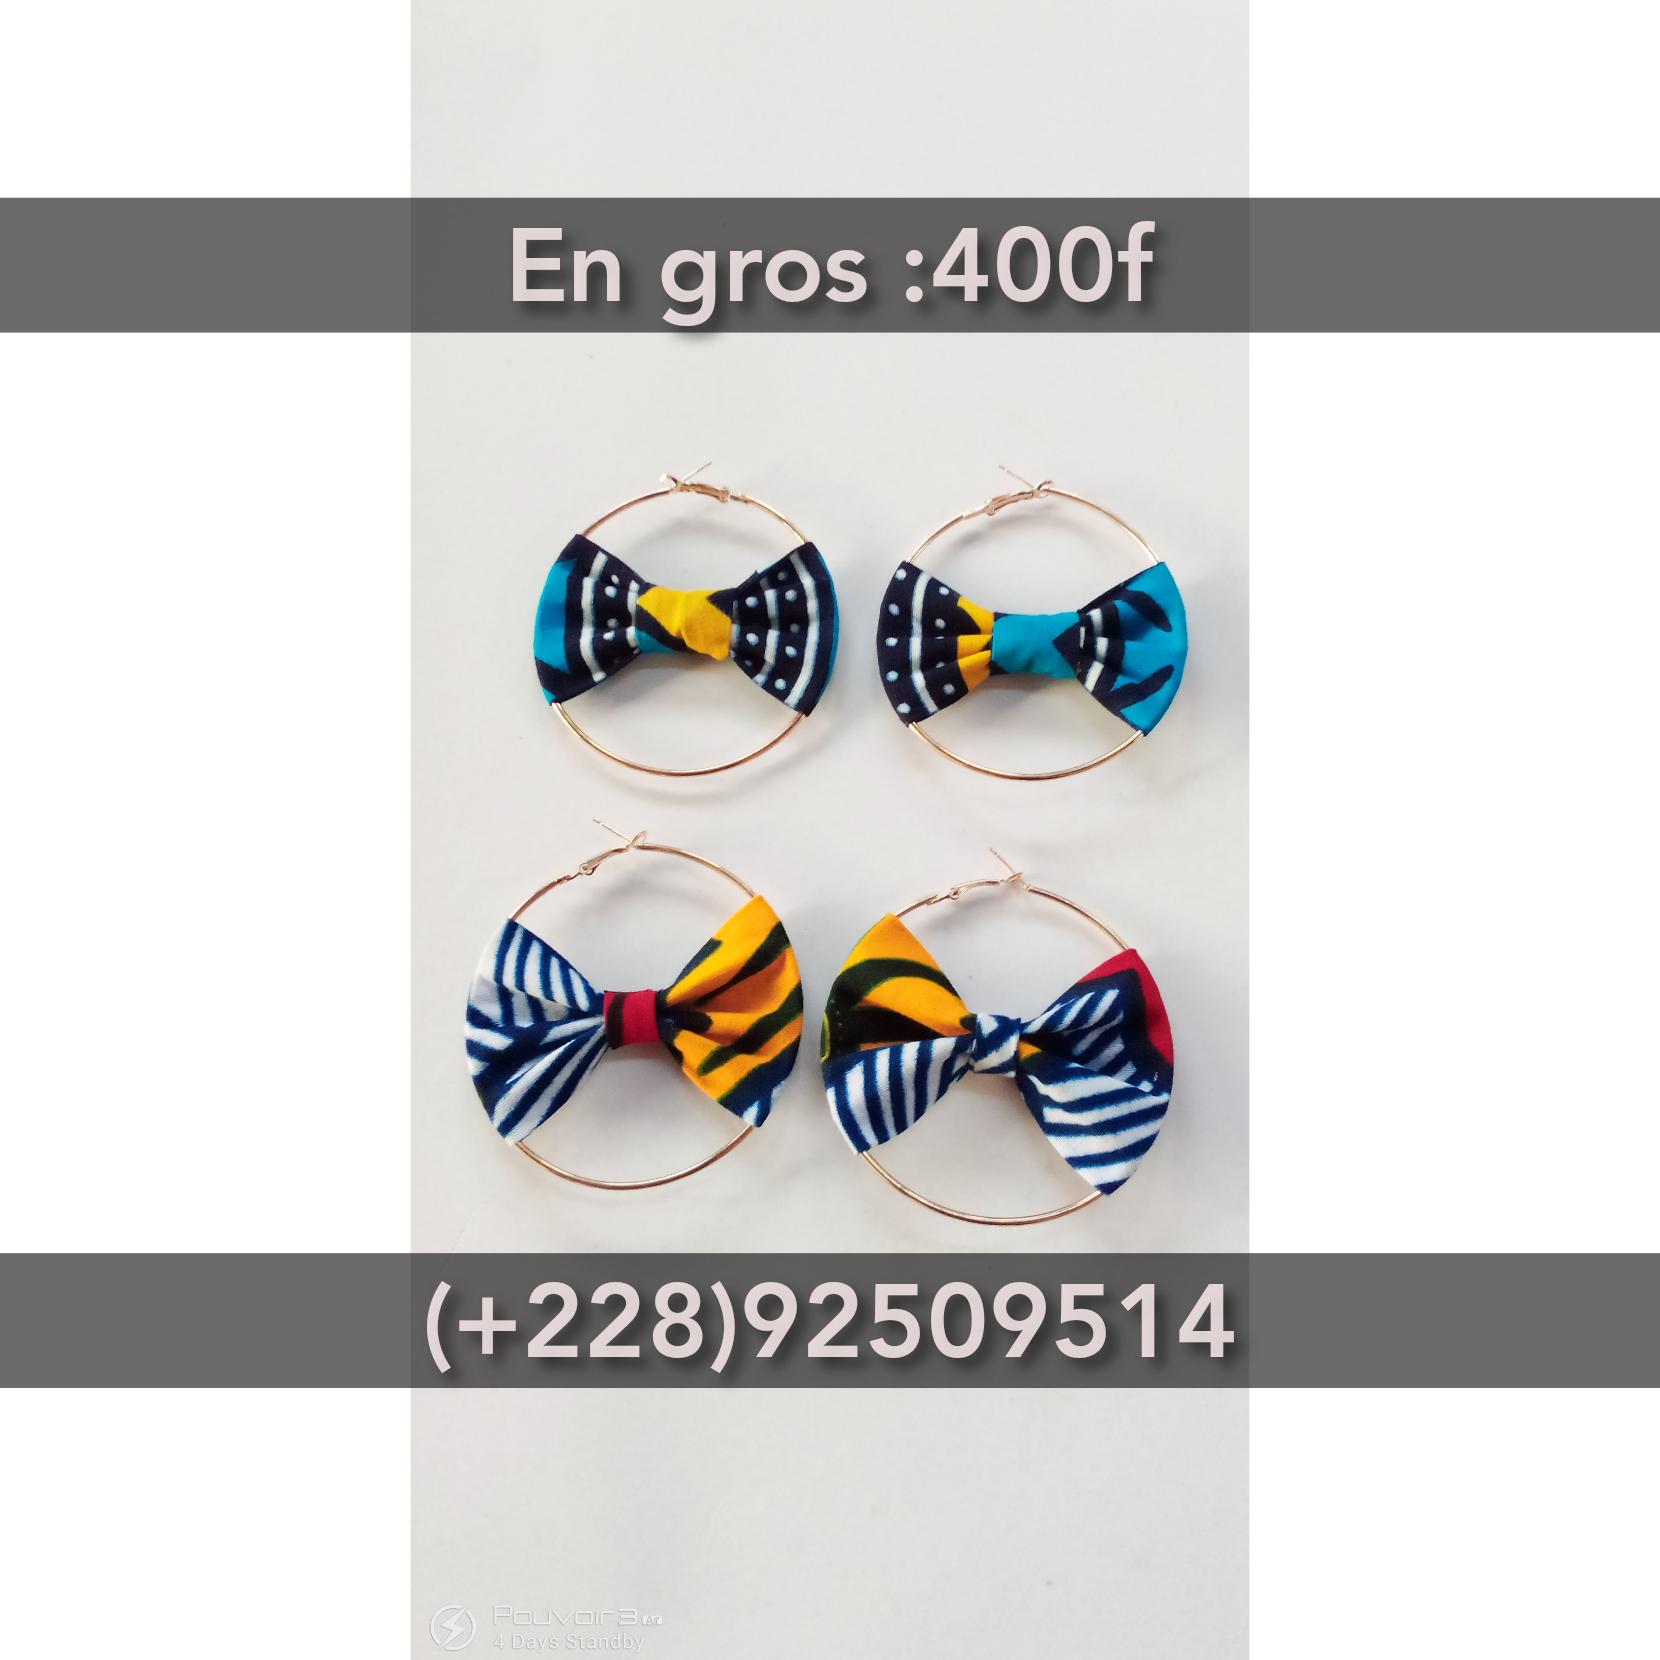 Boucles d'oreilles en pagne chic